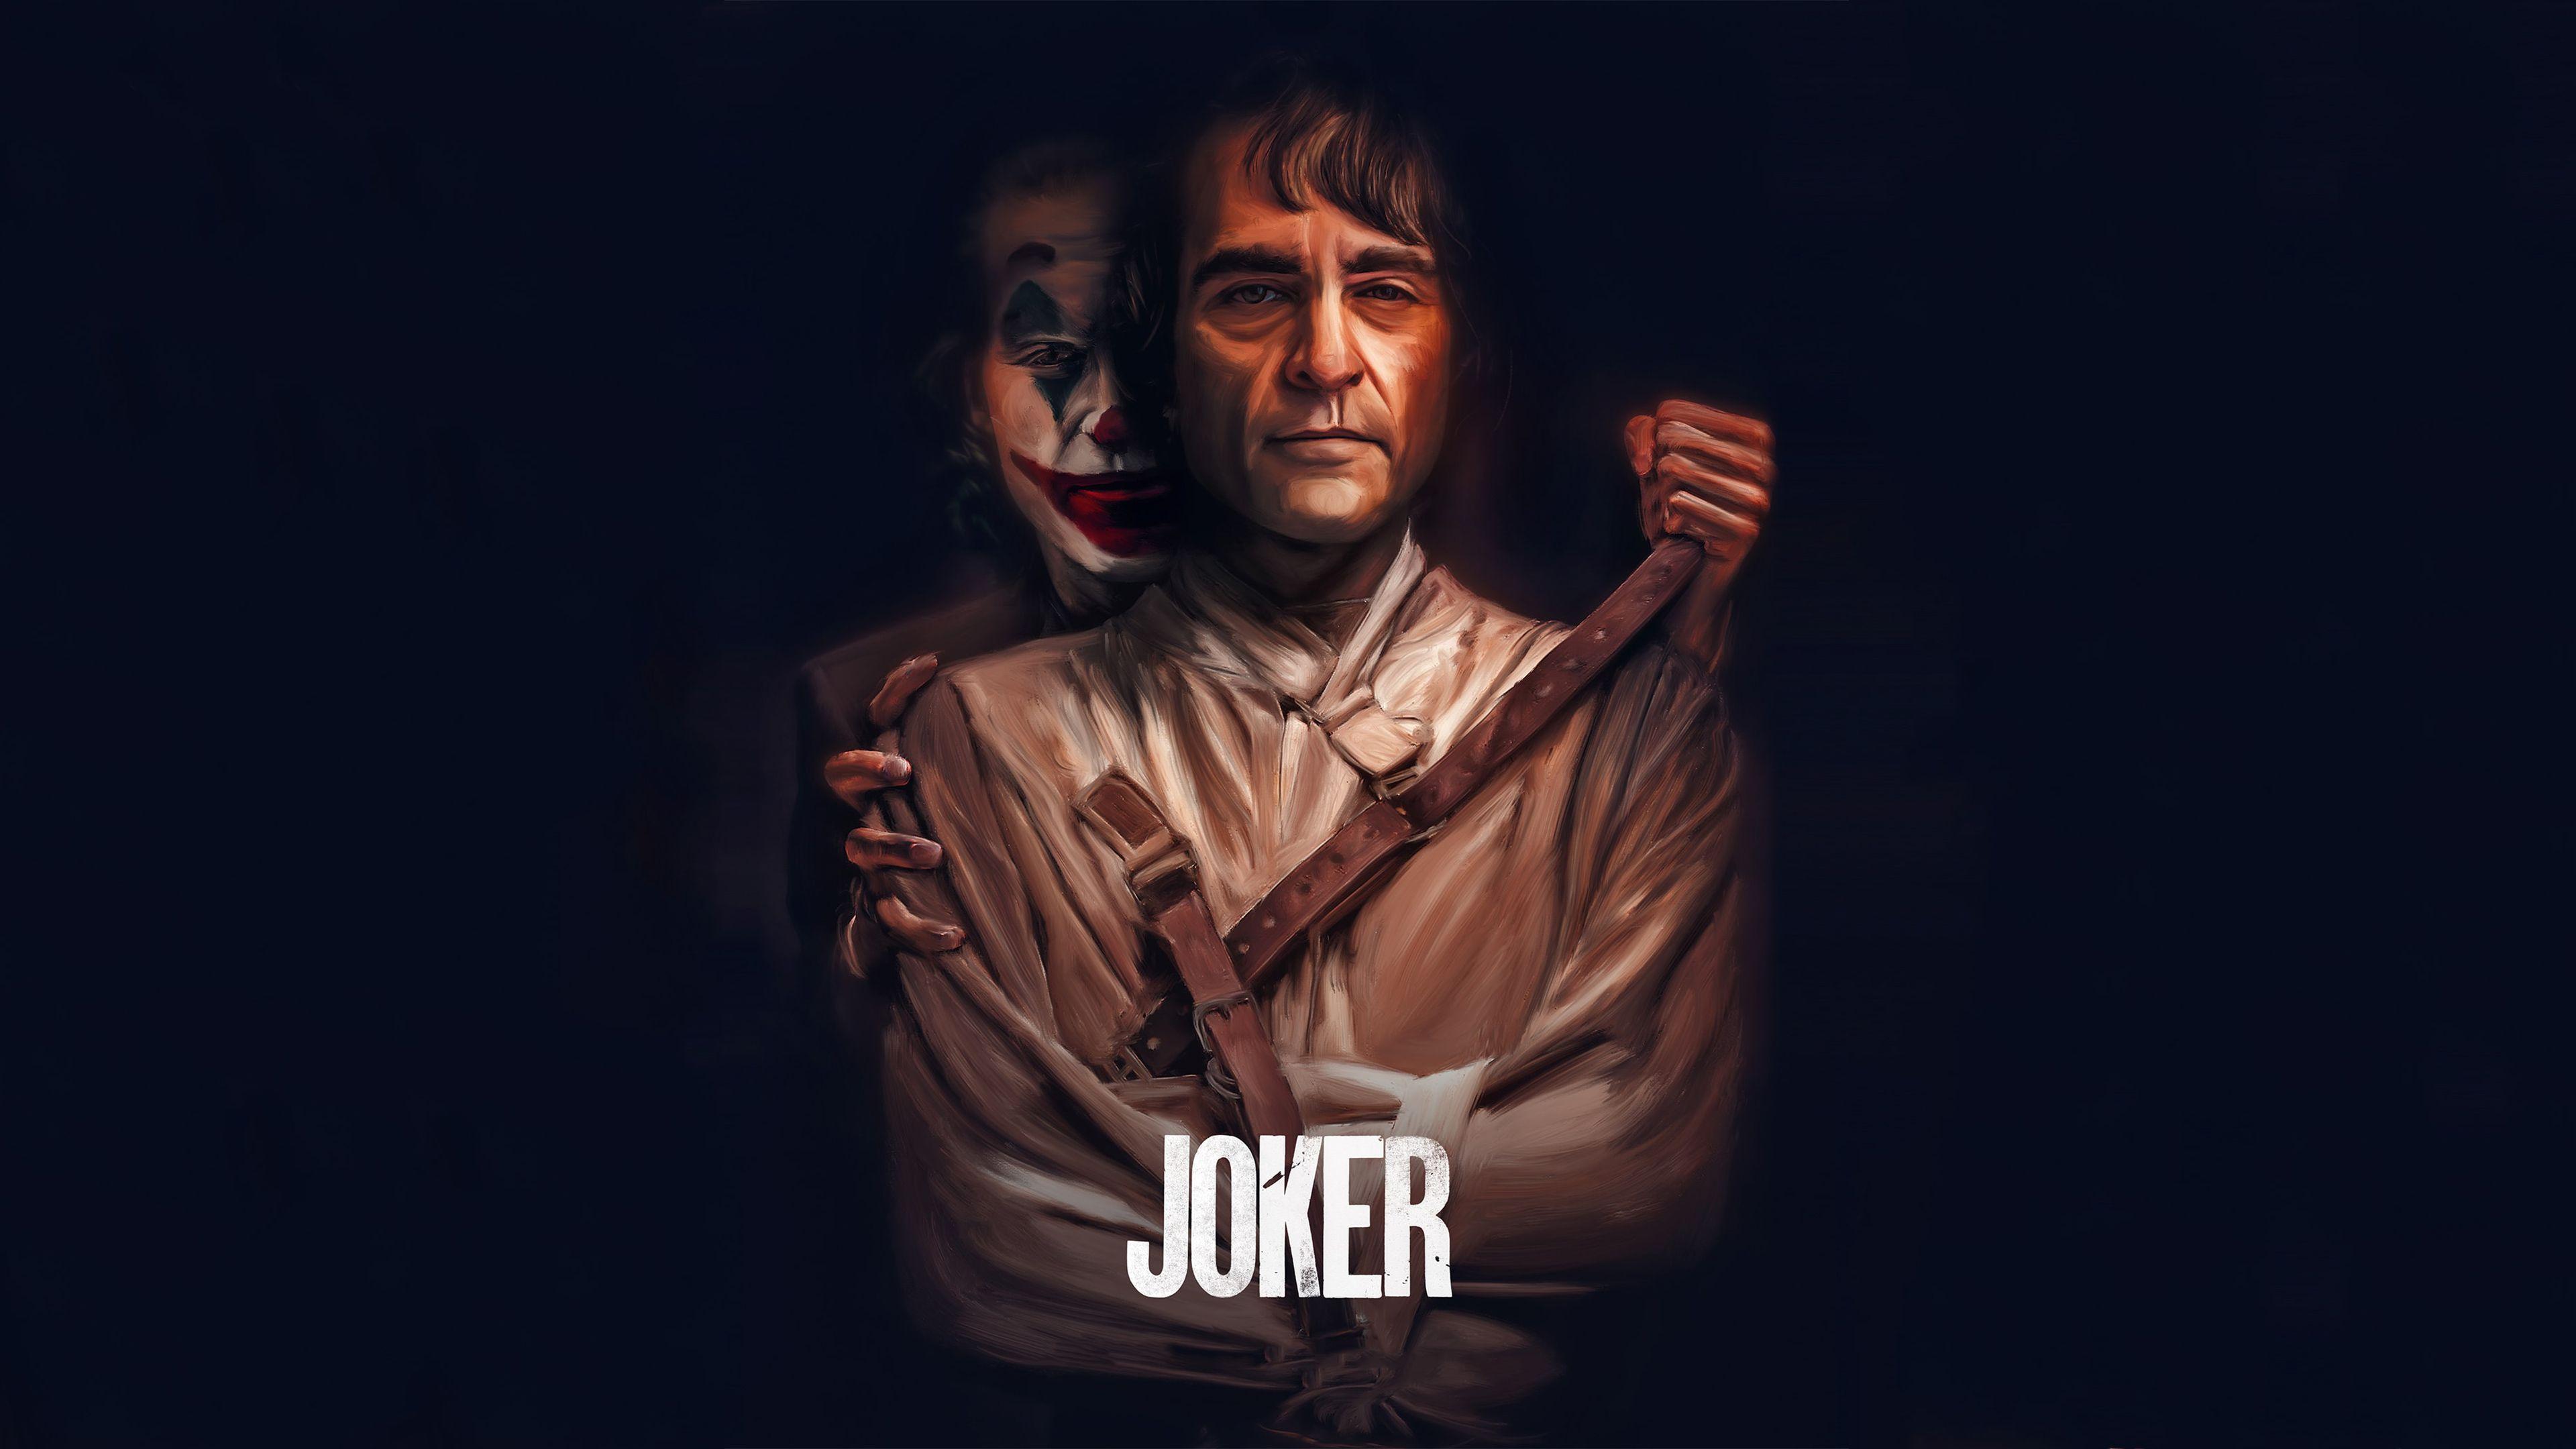 Dc Comics Joaquin Phoenix Joker 3840x2160